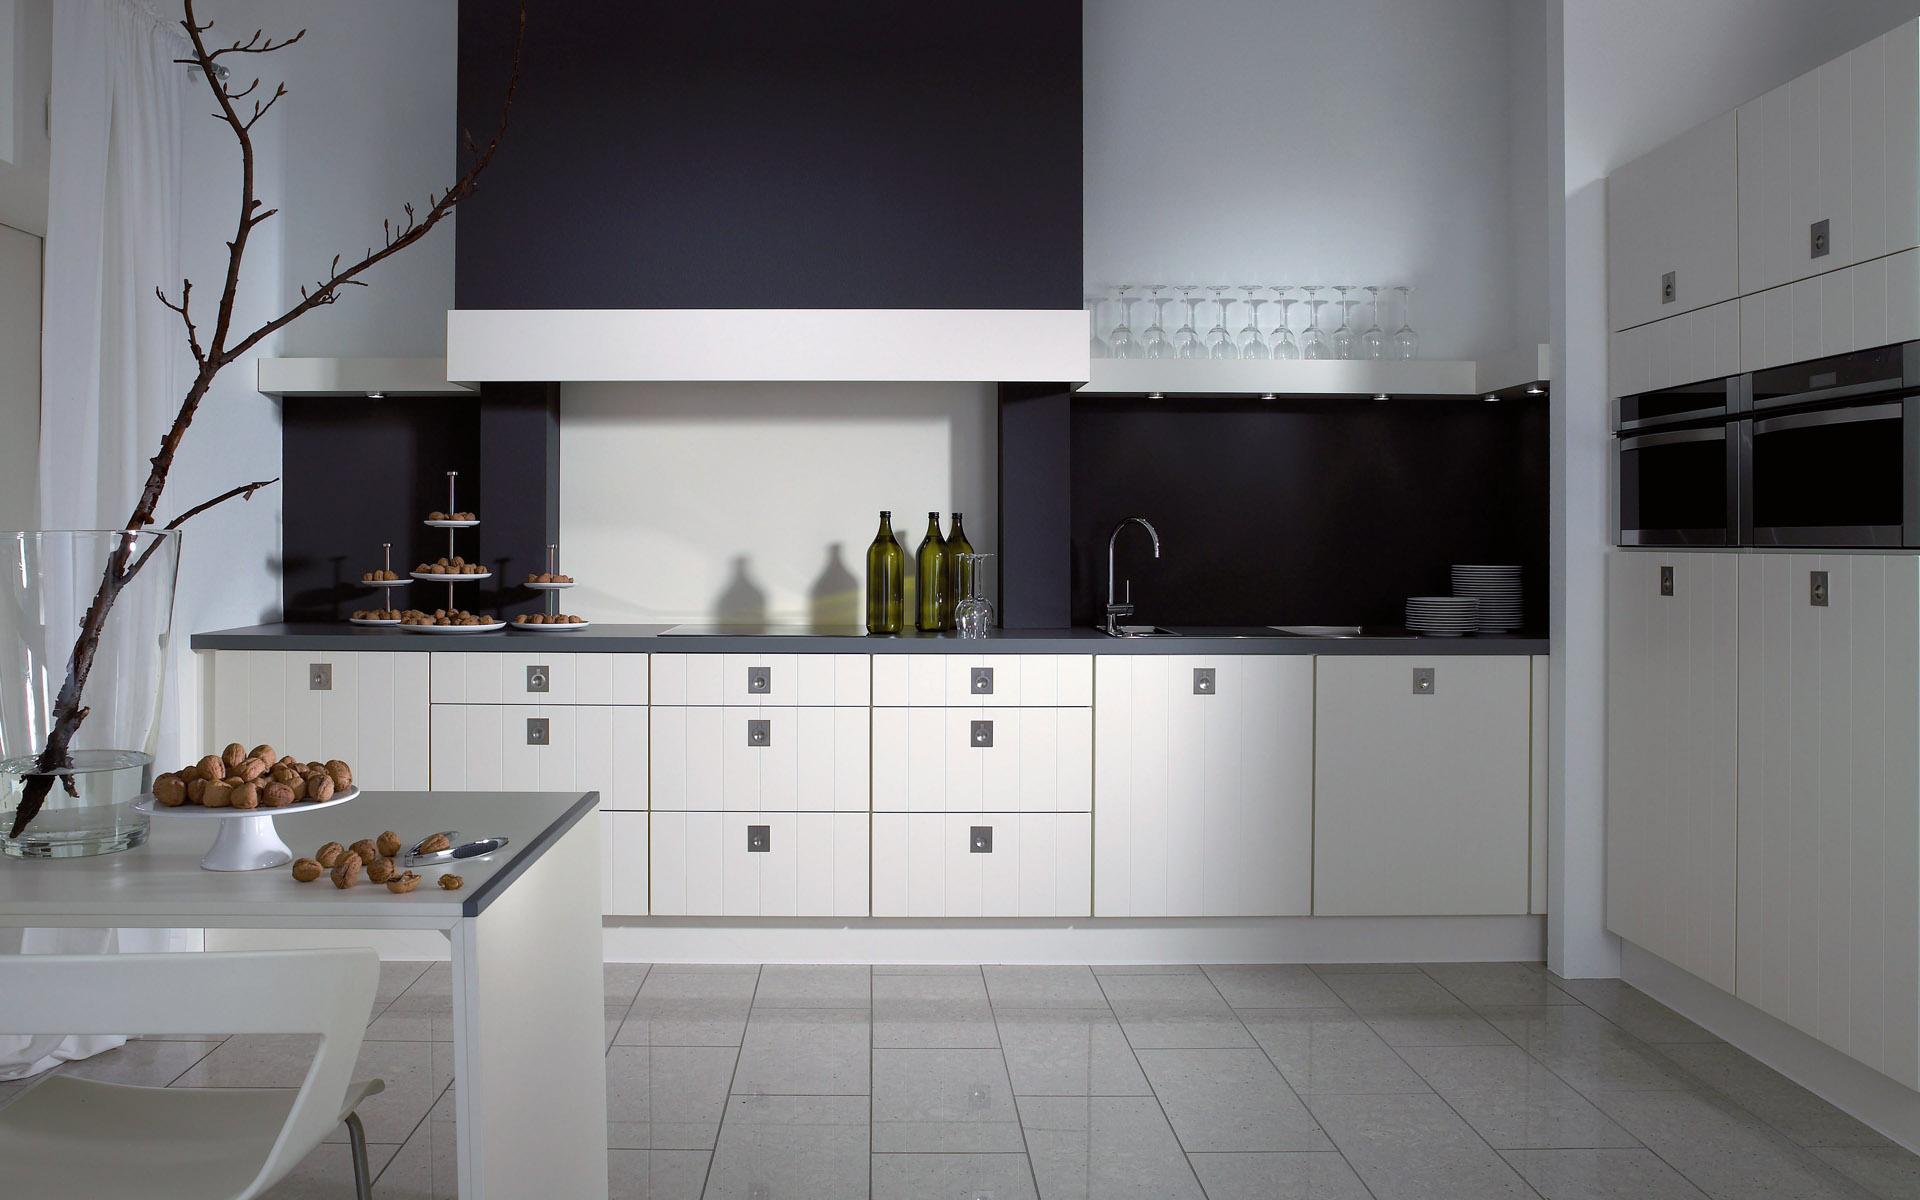 luxurious-kitchen-design-idea luxurious kitchen design idea